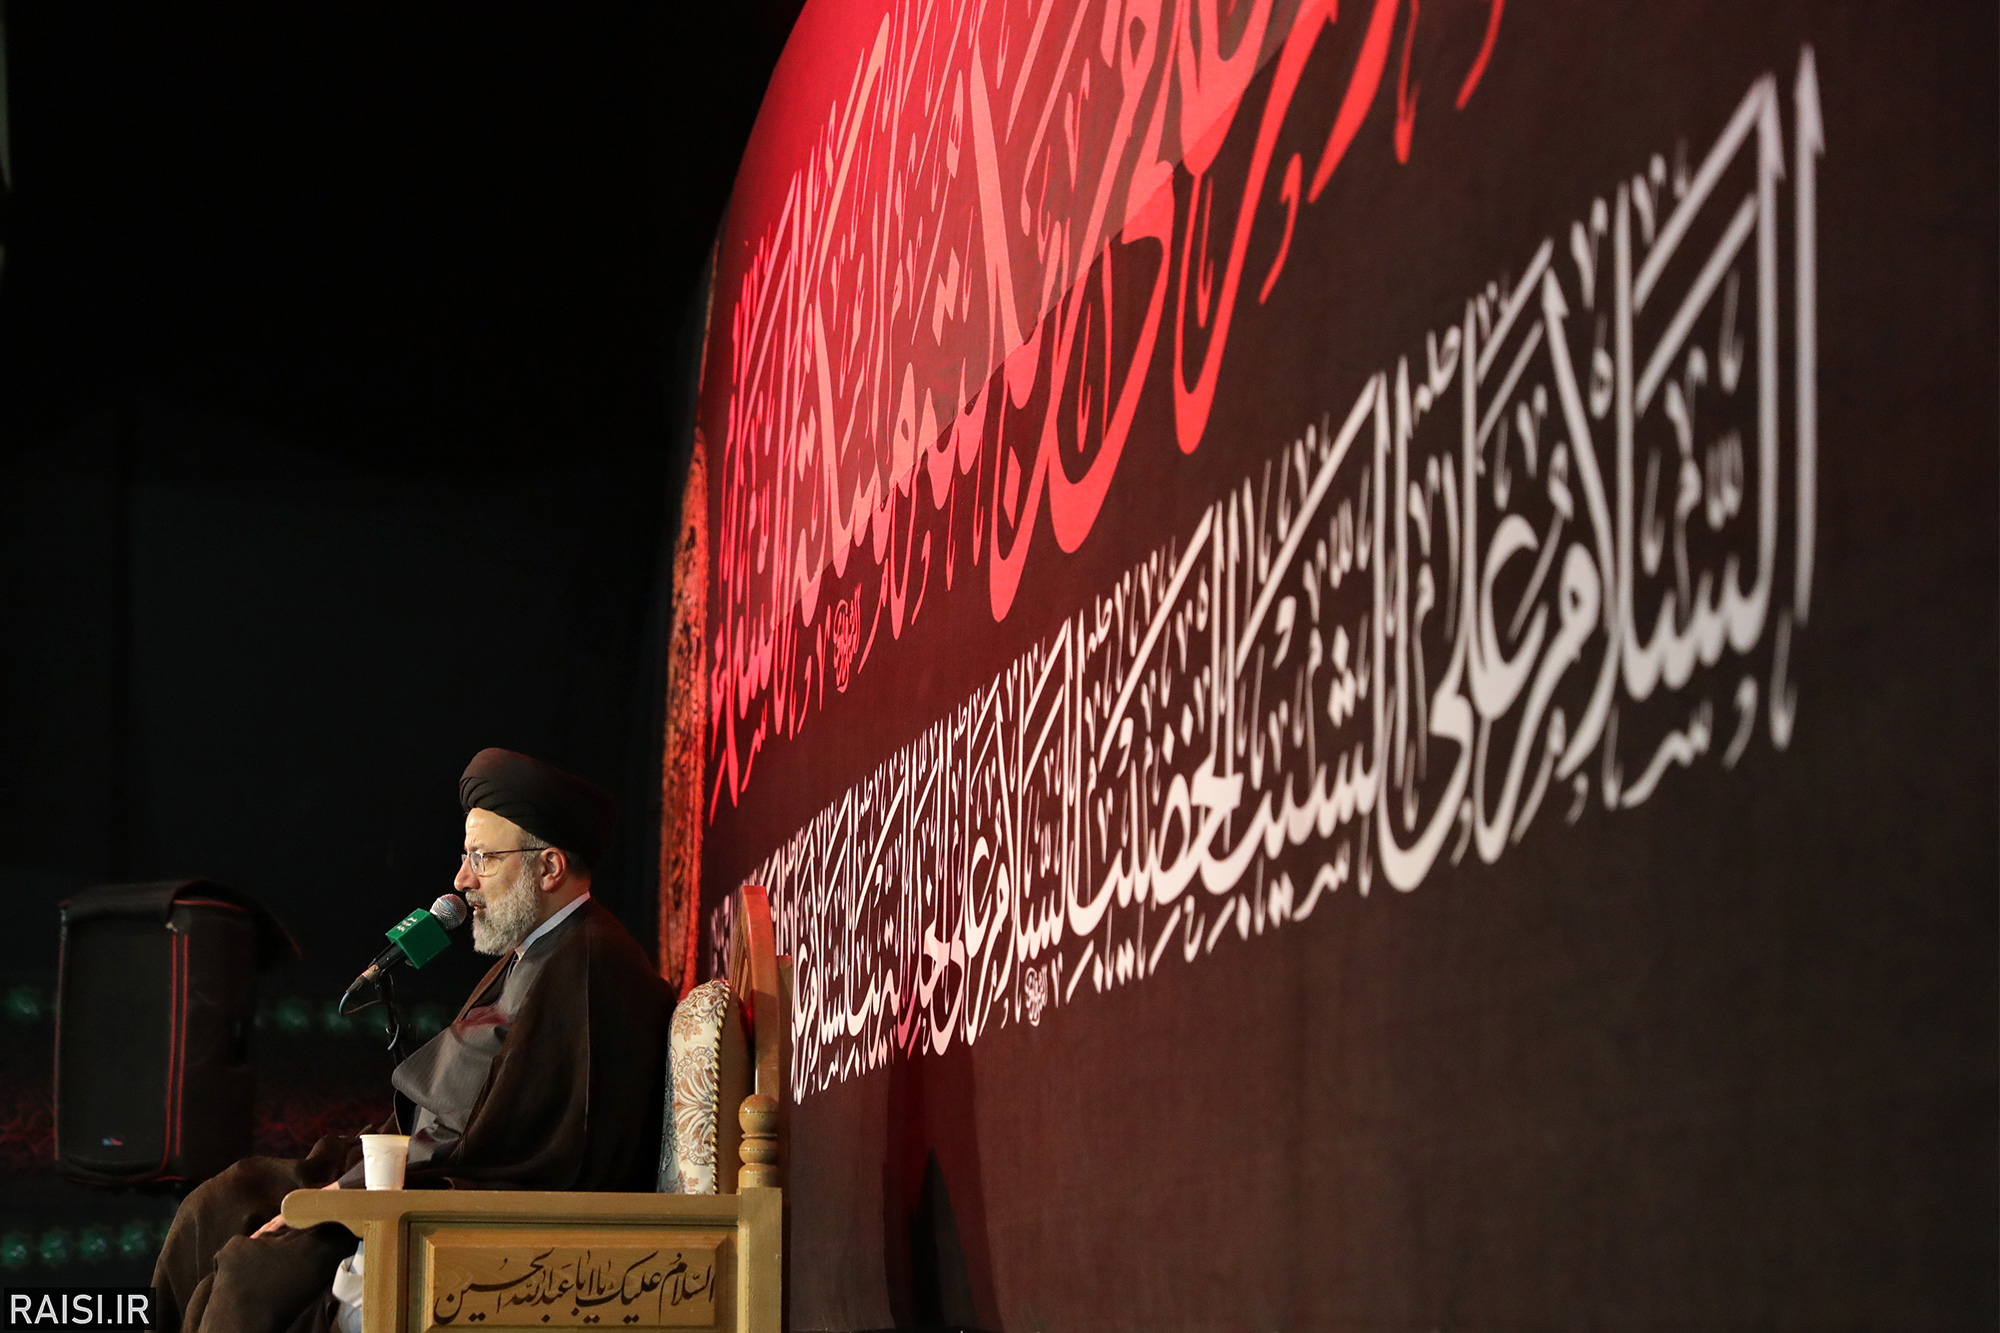 گزارش تصویری سخنرانی تولیت آستان قدس در هیئت رزمندگان اسلام استان اصفهان